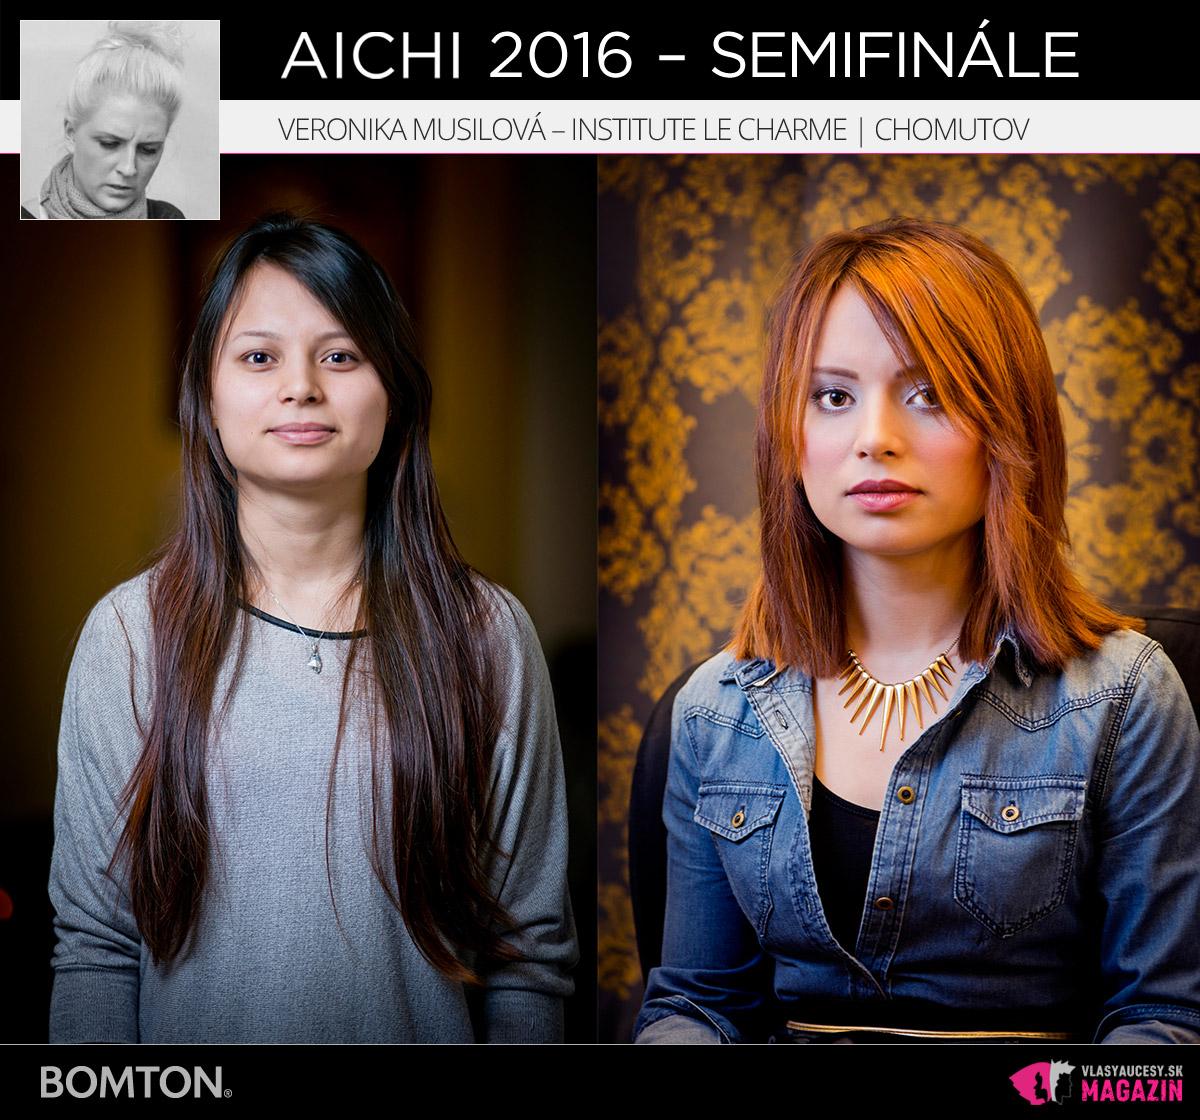 Veronika Musilová – Institute Le Charme, Chomutov | Premeny AICHI 2016 – postupujúci do semifinálového kola